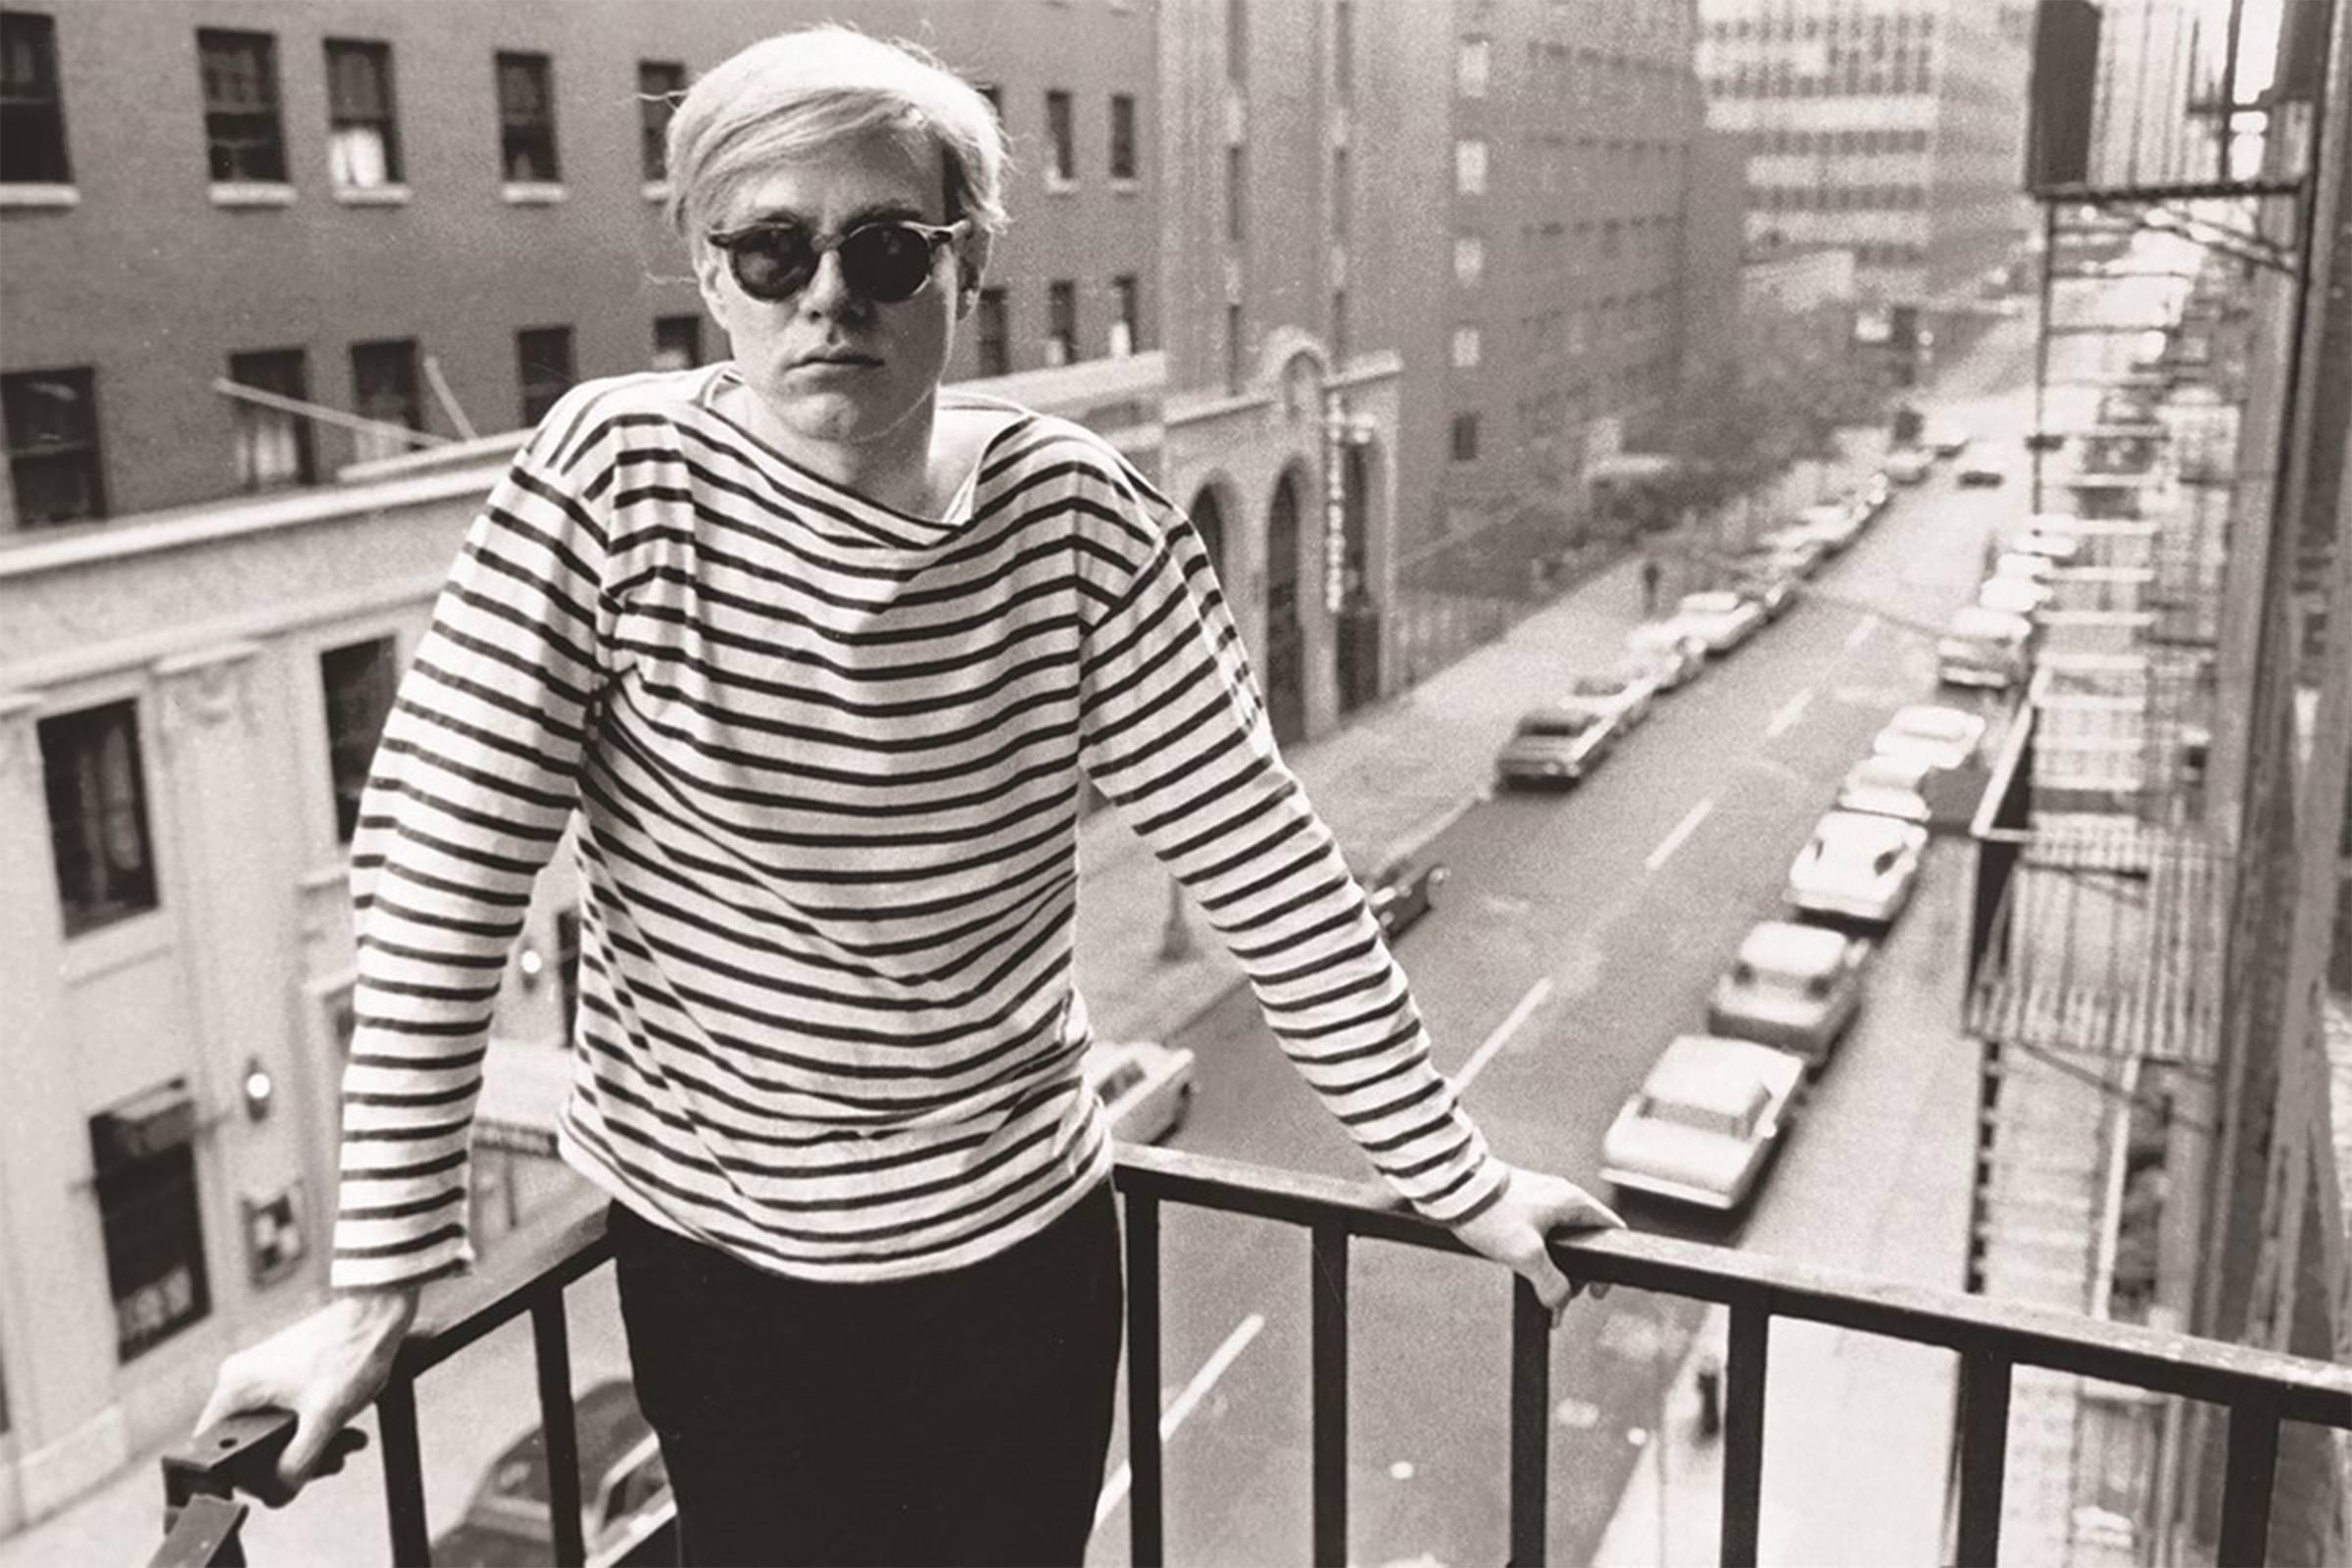 Энди Уорхол в своих знаменитых очках Moscot